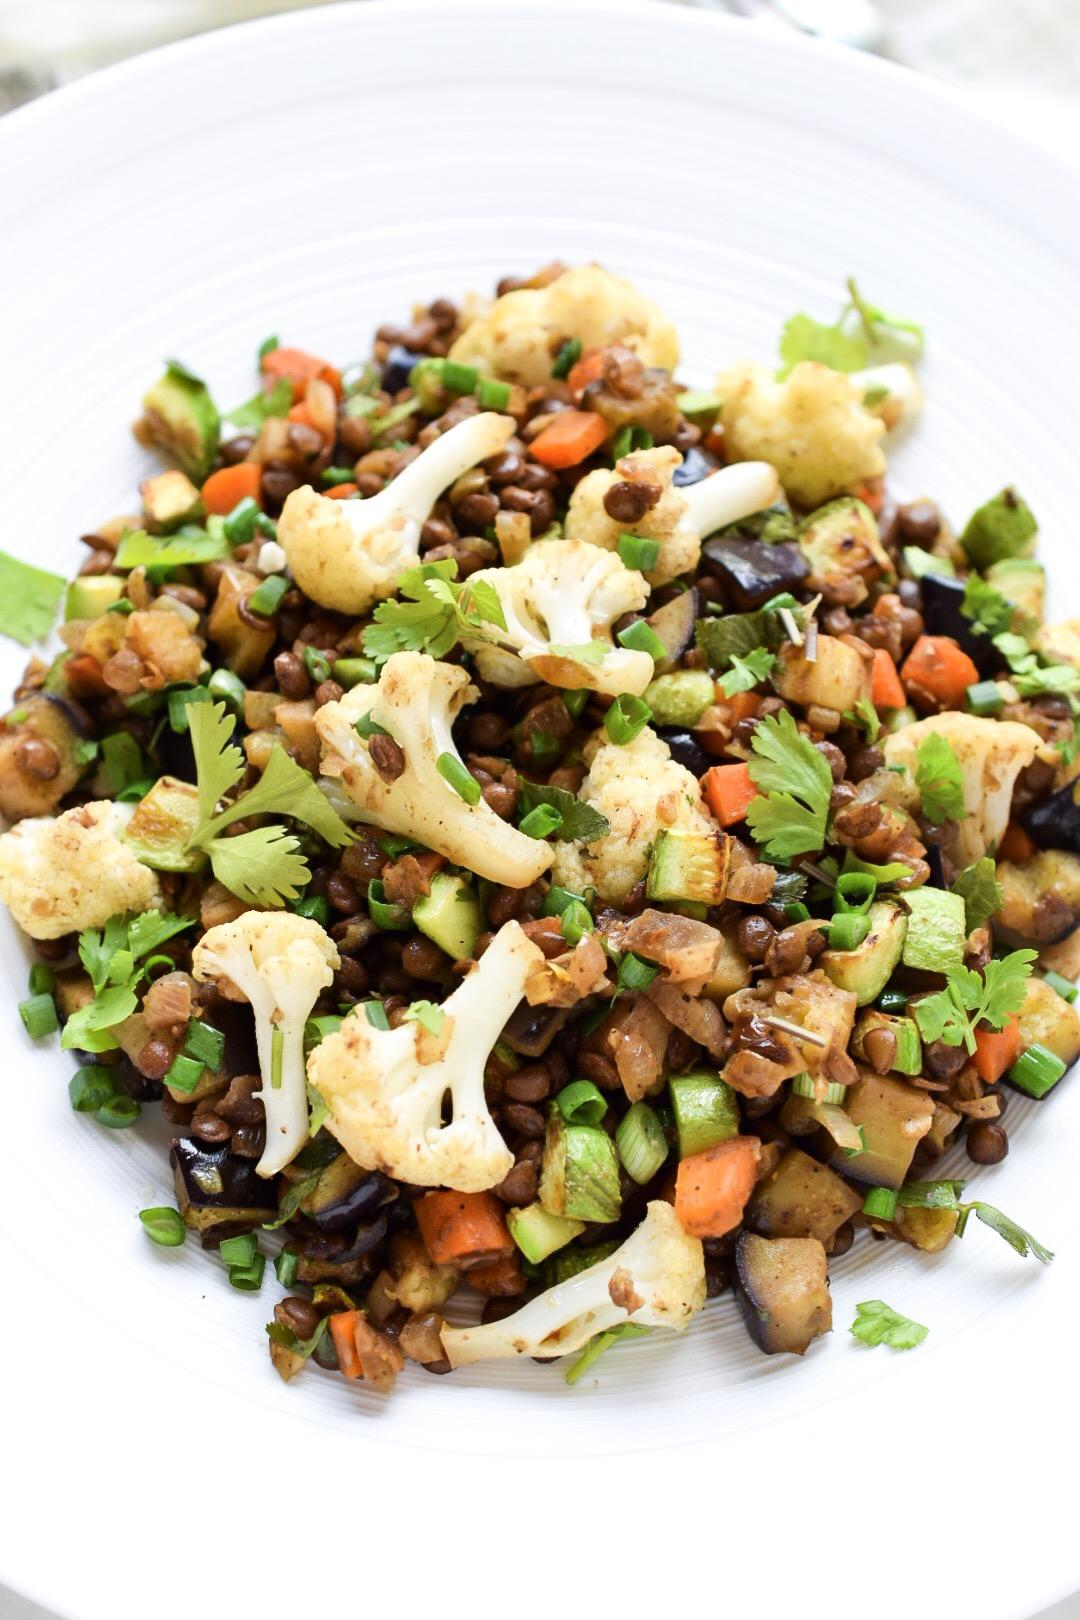 العشاء 4 -  العدس المتبل والخضروات المشكلة